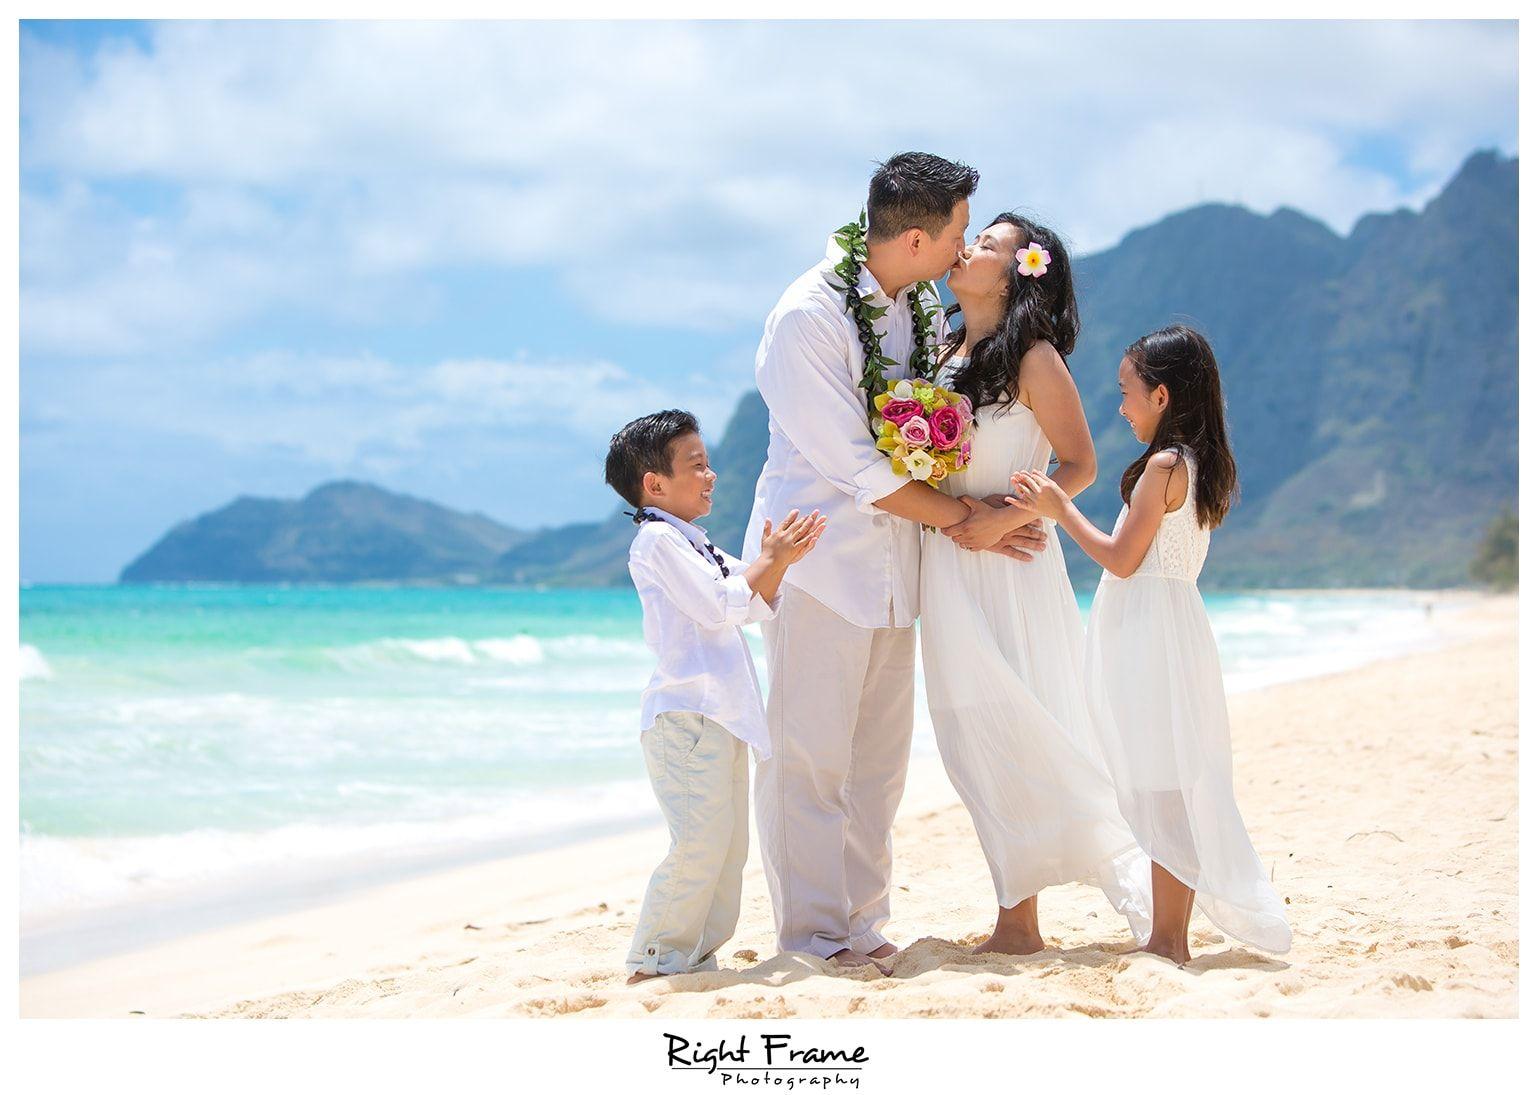 Renovação de votos Matrimoniais